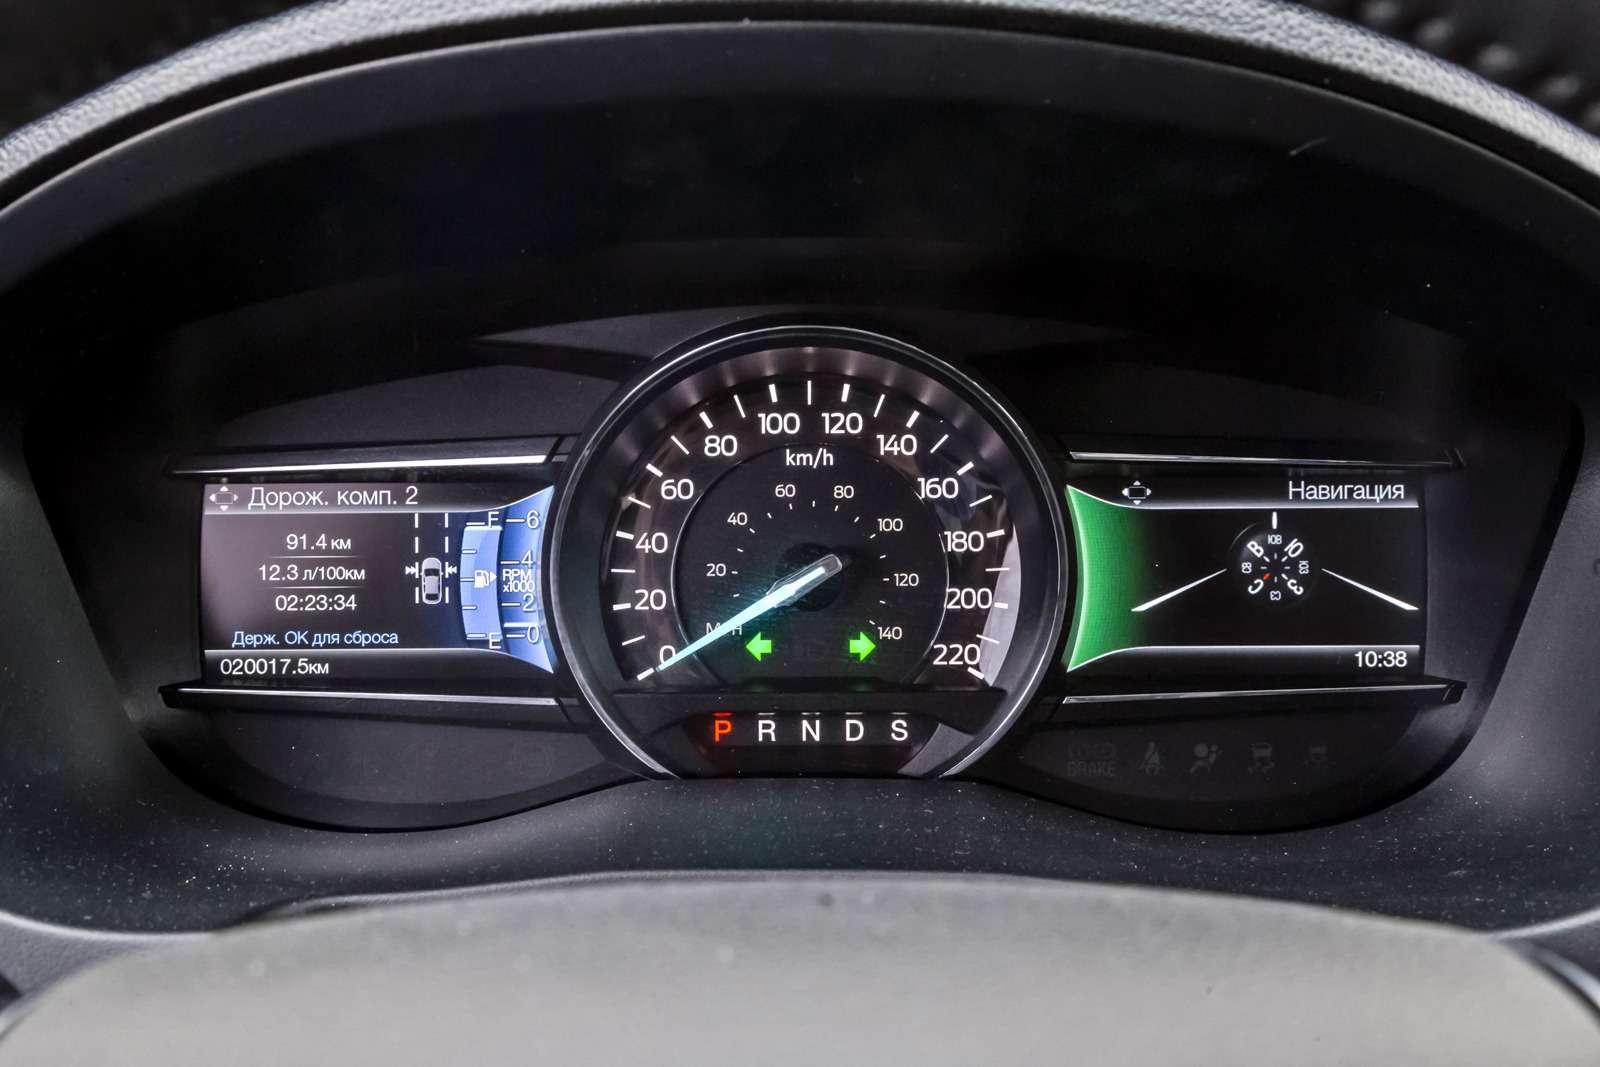 Тест полноразмерных кроссоверов: Honda Pilot, Kia Sorento Prime иFord Explorer— фото 614956